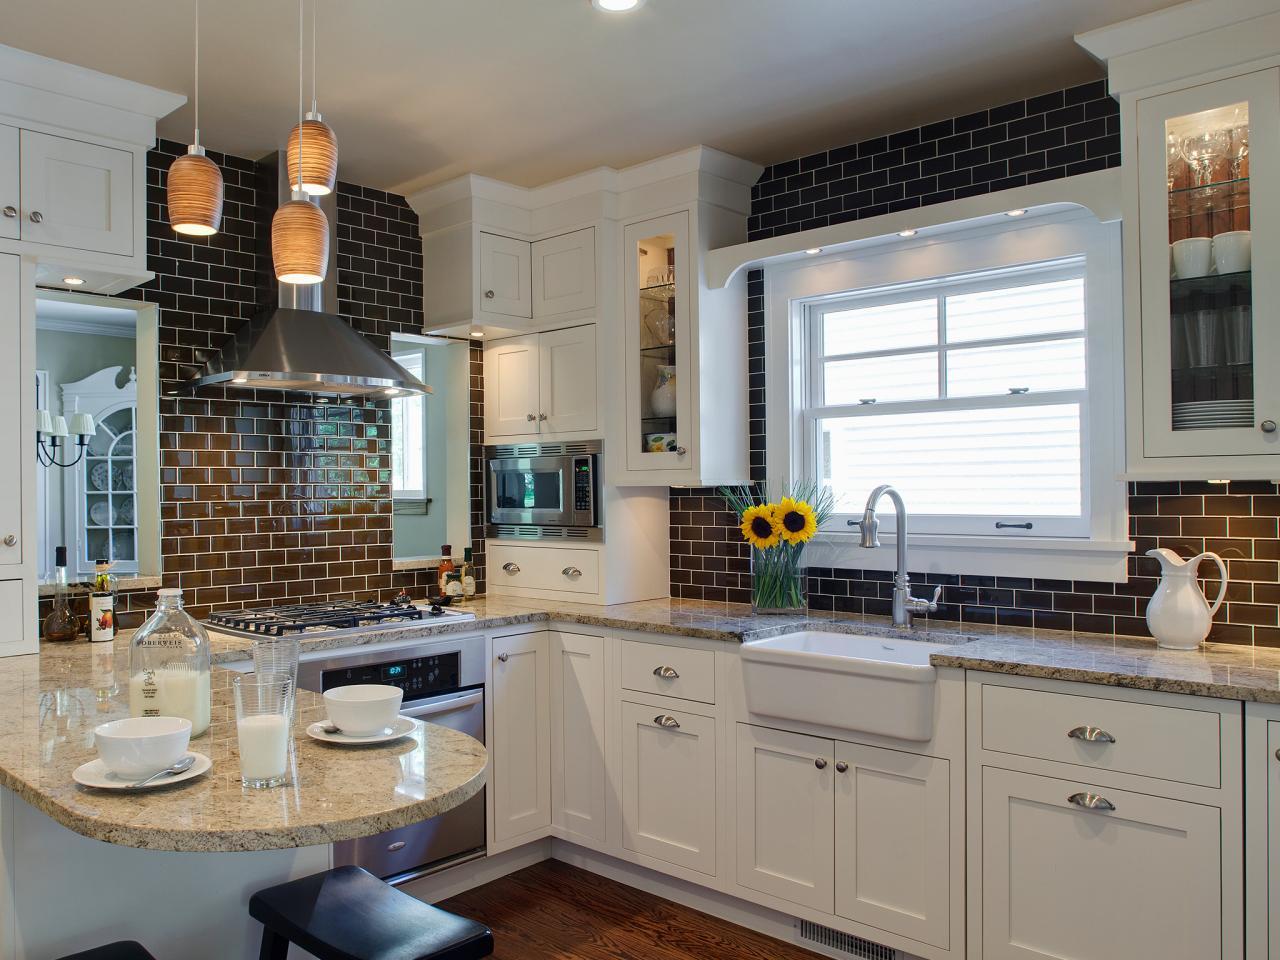 Creative, inexpensive kitchen island